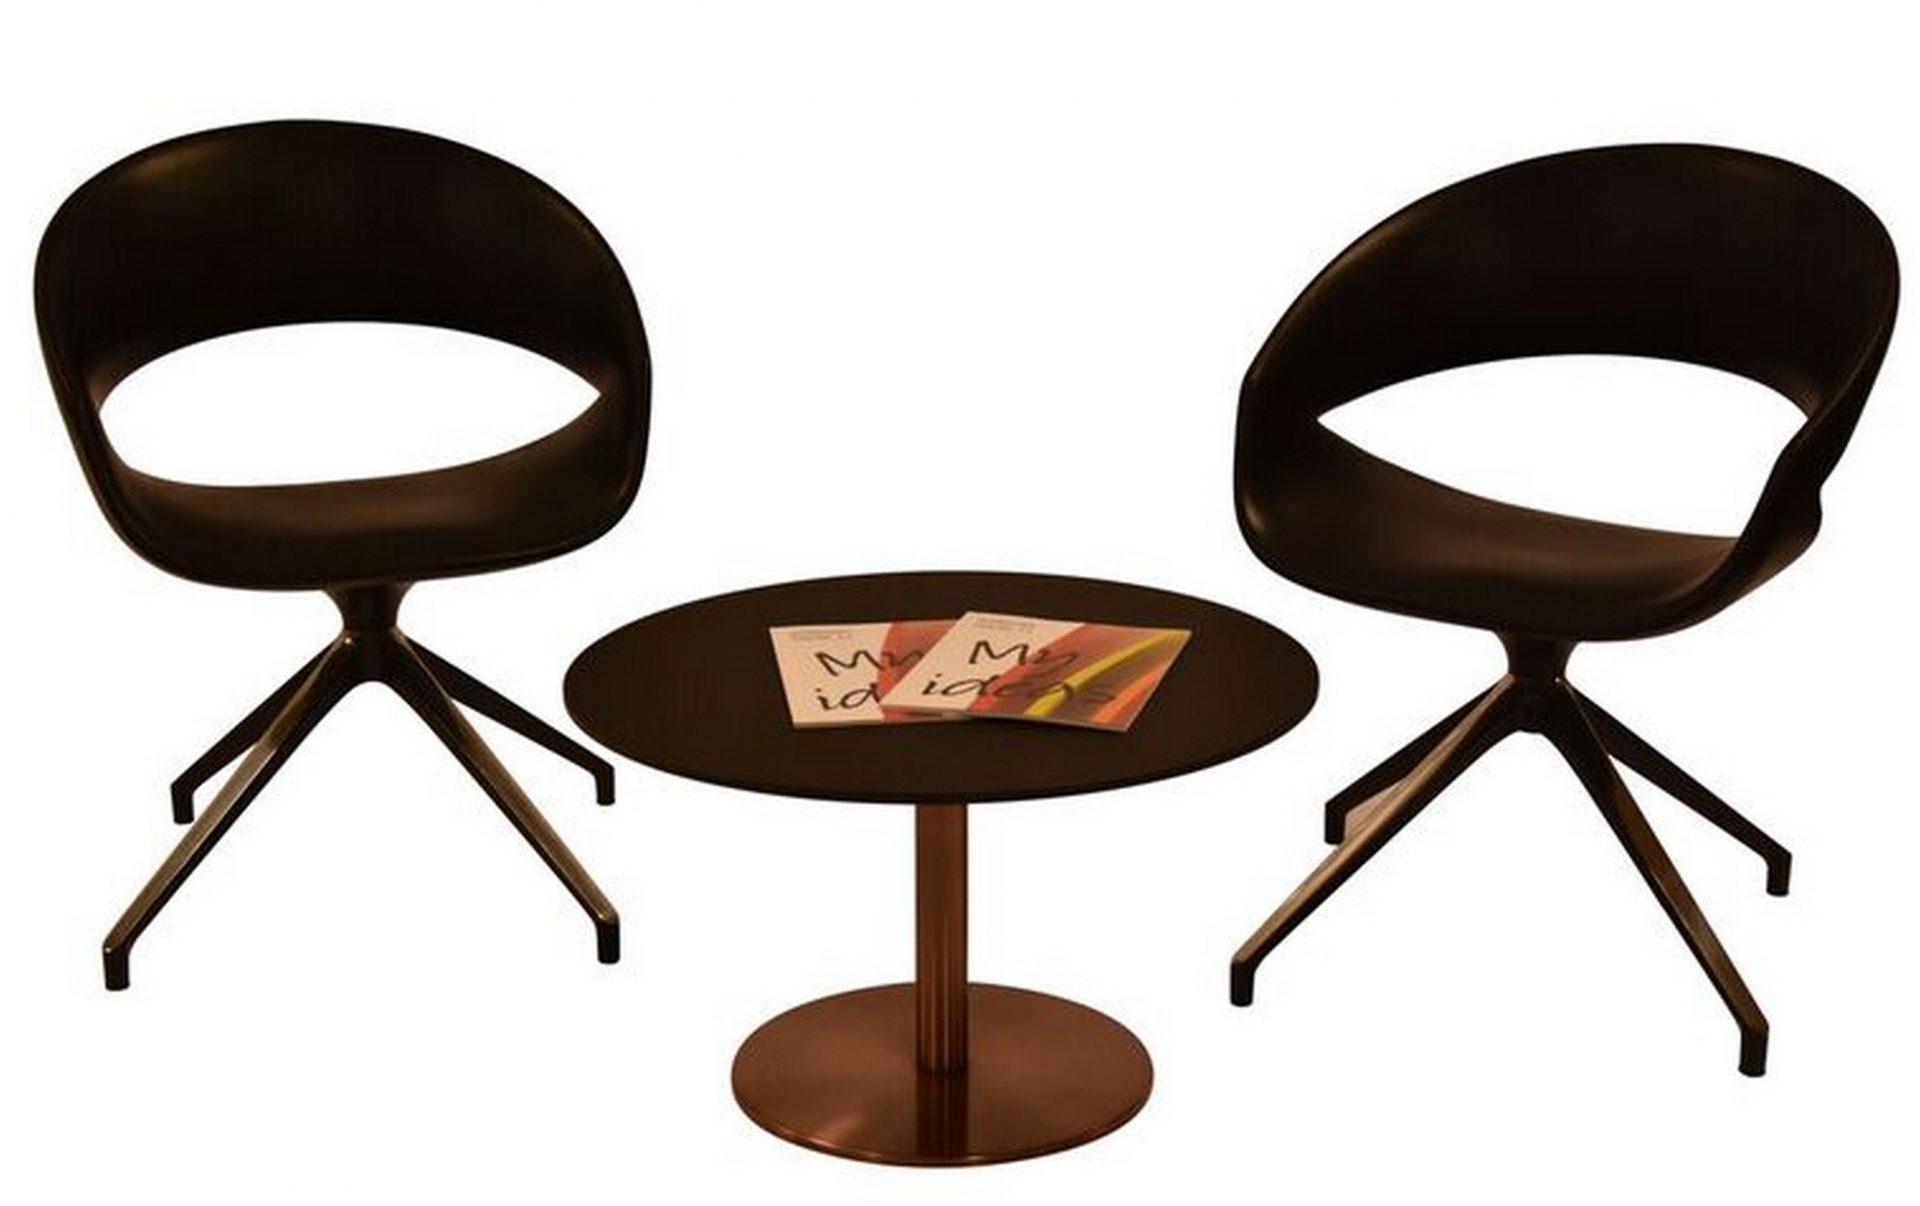 Spot gæstestole